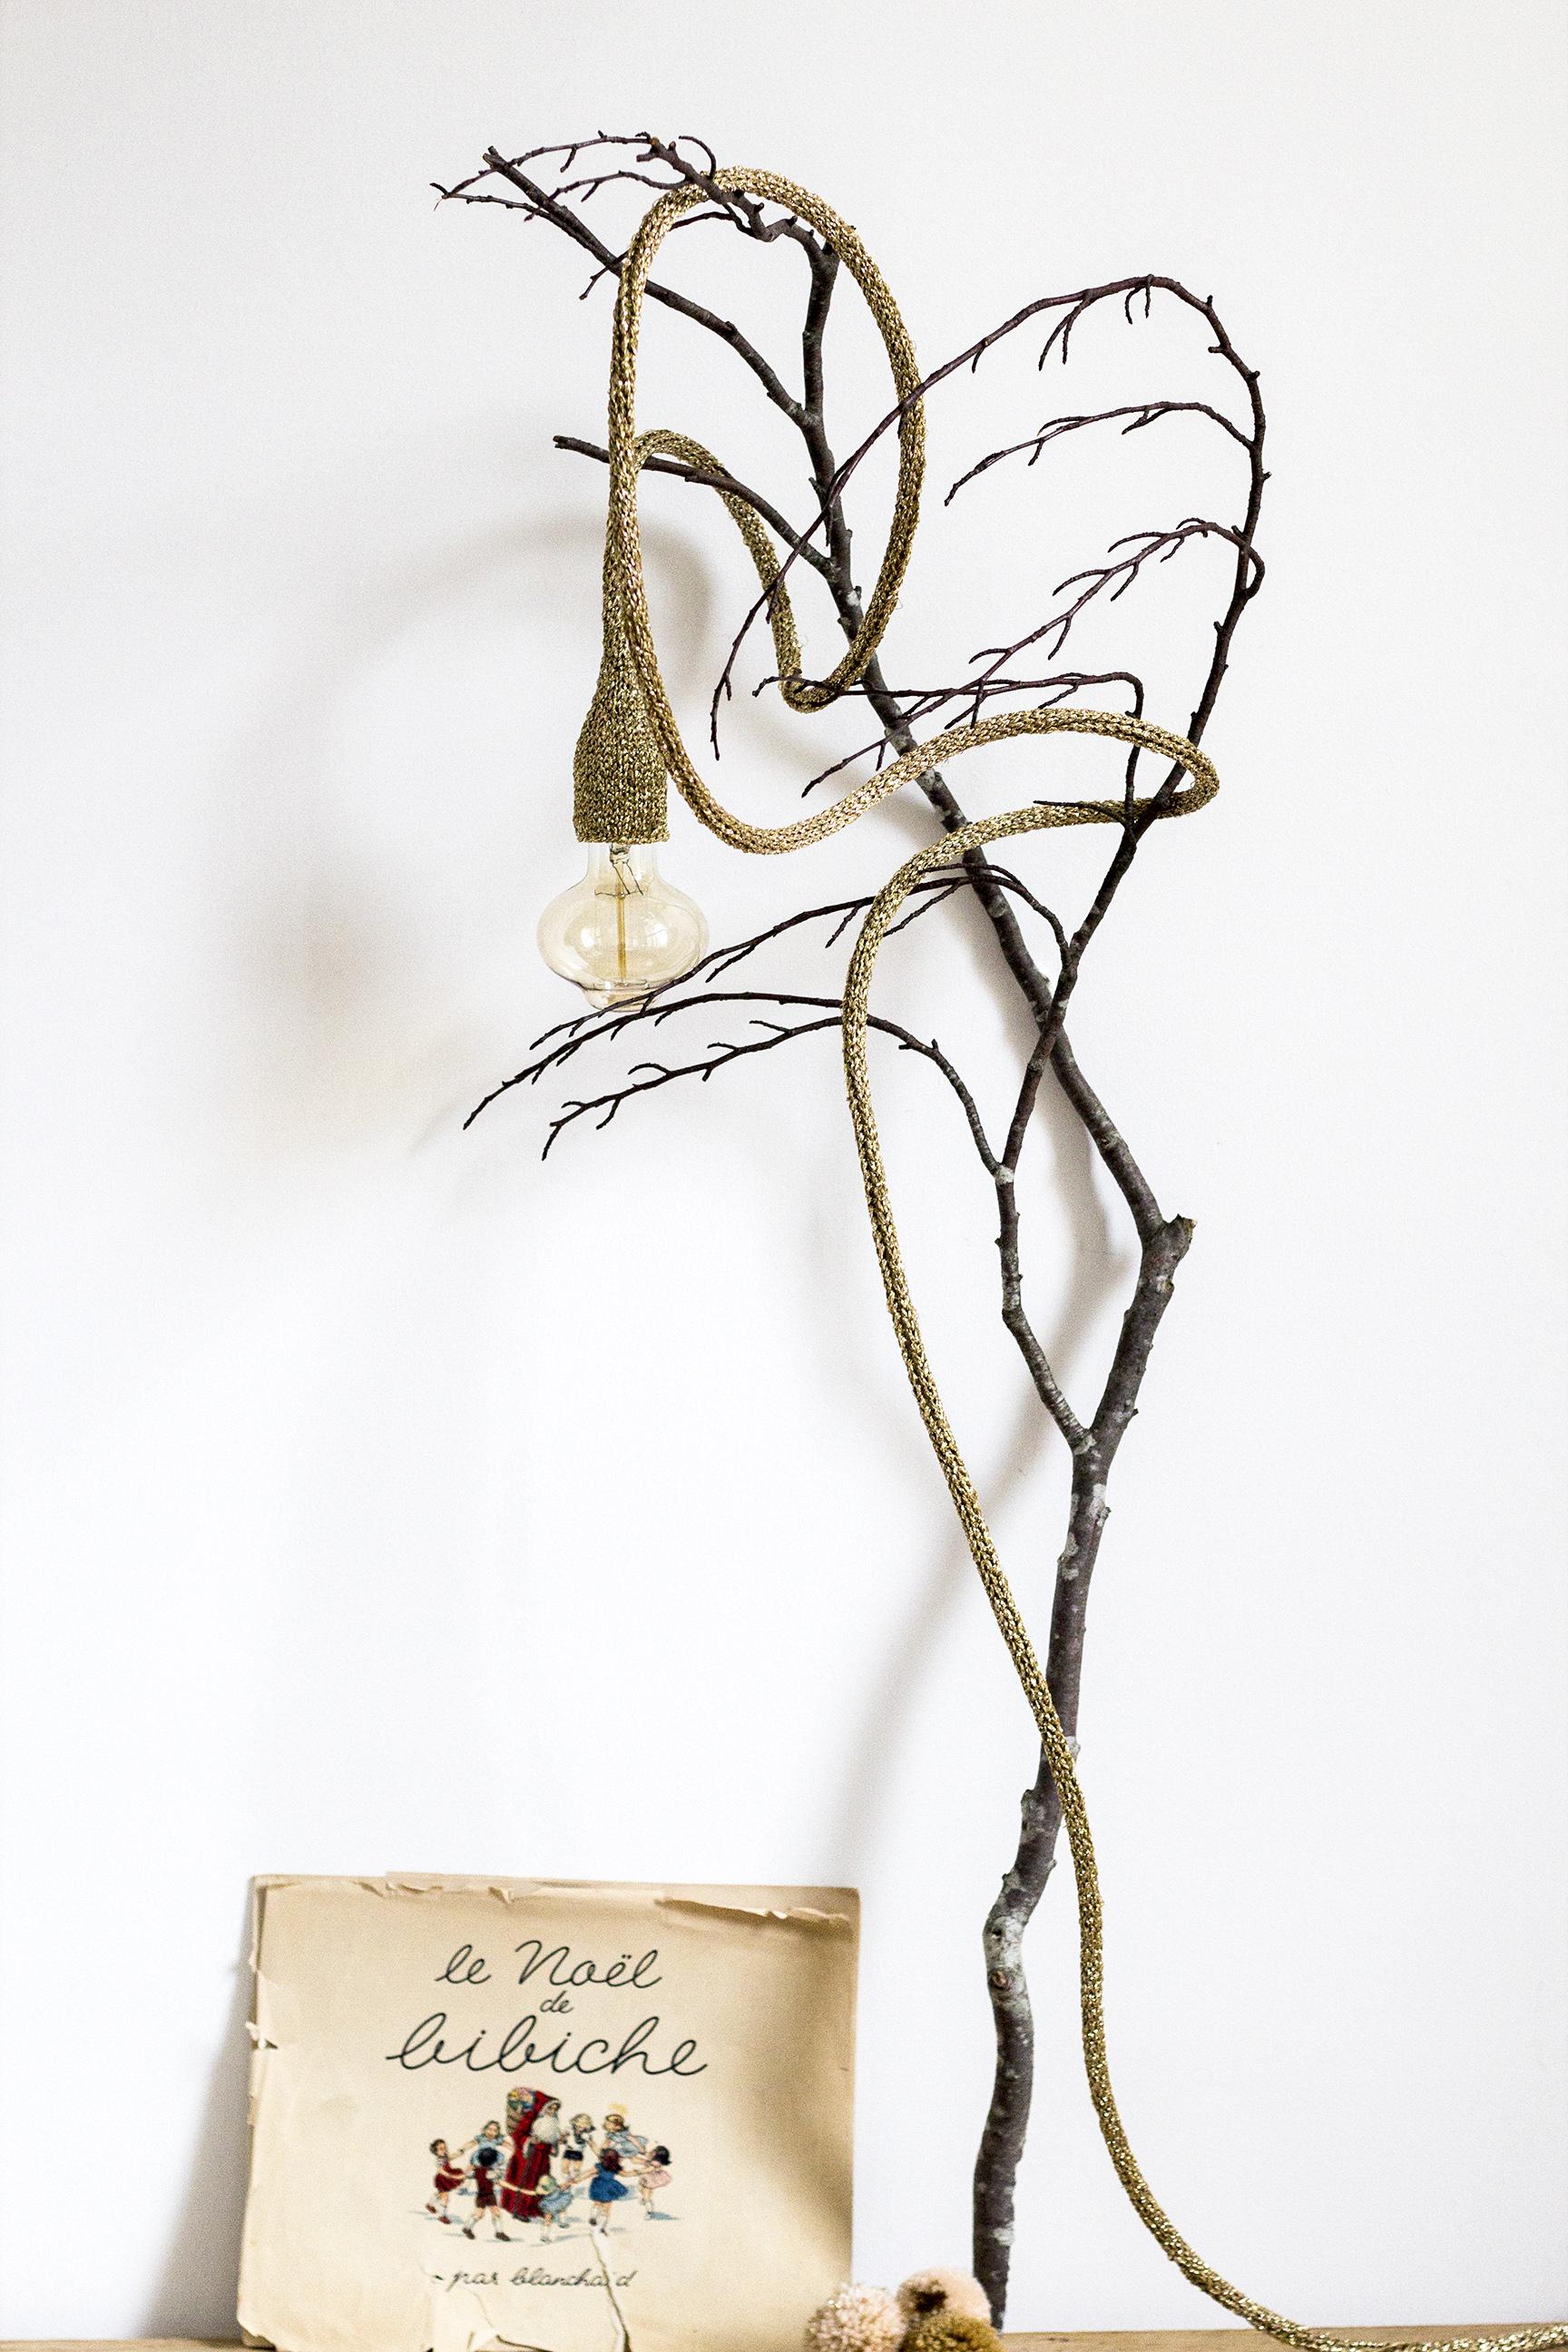 Lampe baladeuse doré cadeau de Noël pour enfant, créé et fabriqué par Trendy Little